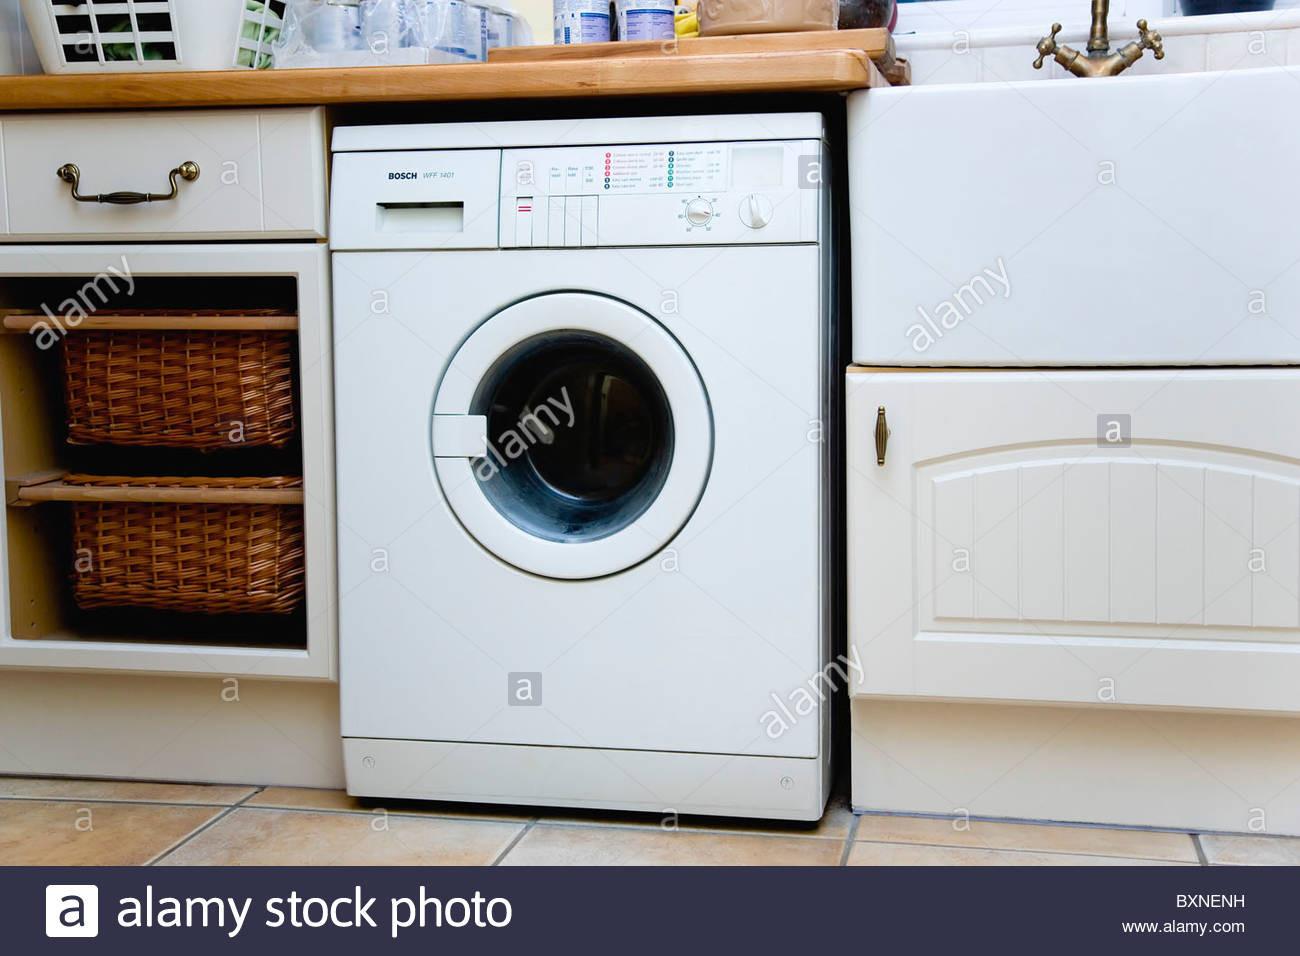 Waschmaschine Unter Arbeitsplatte  Waschmaschine Unter Arbeitsplatte Kuche